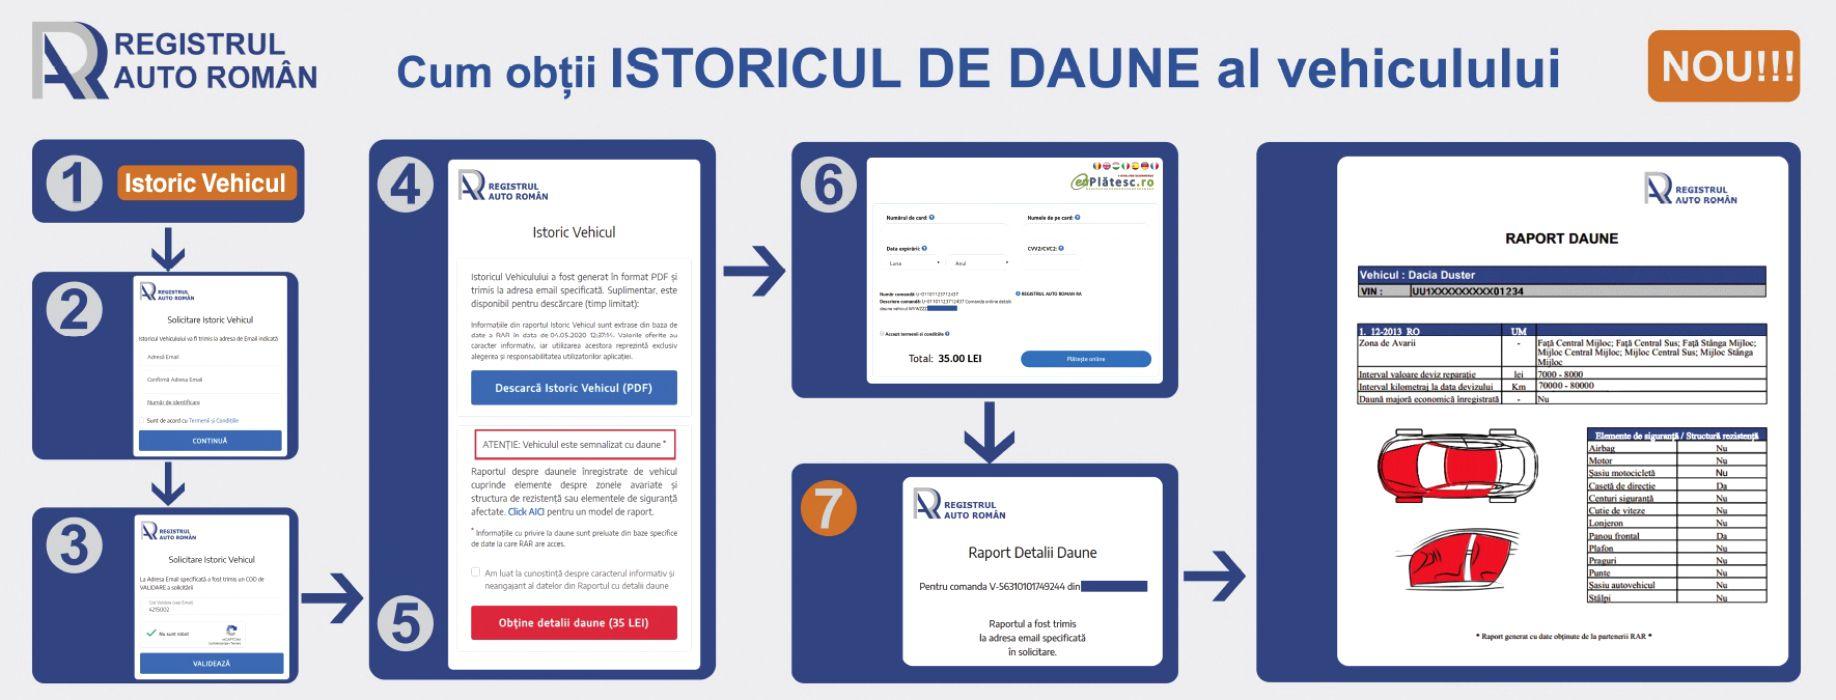 RAR oferă la cerere istoricul de daune al mașinilor din România